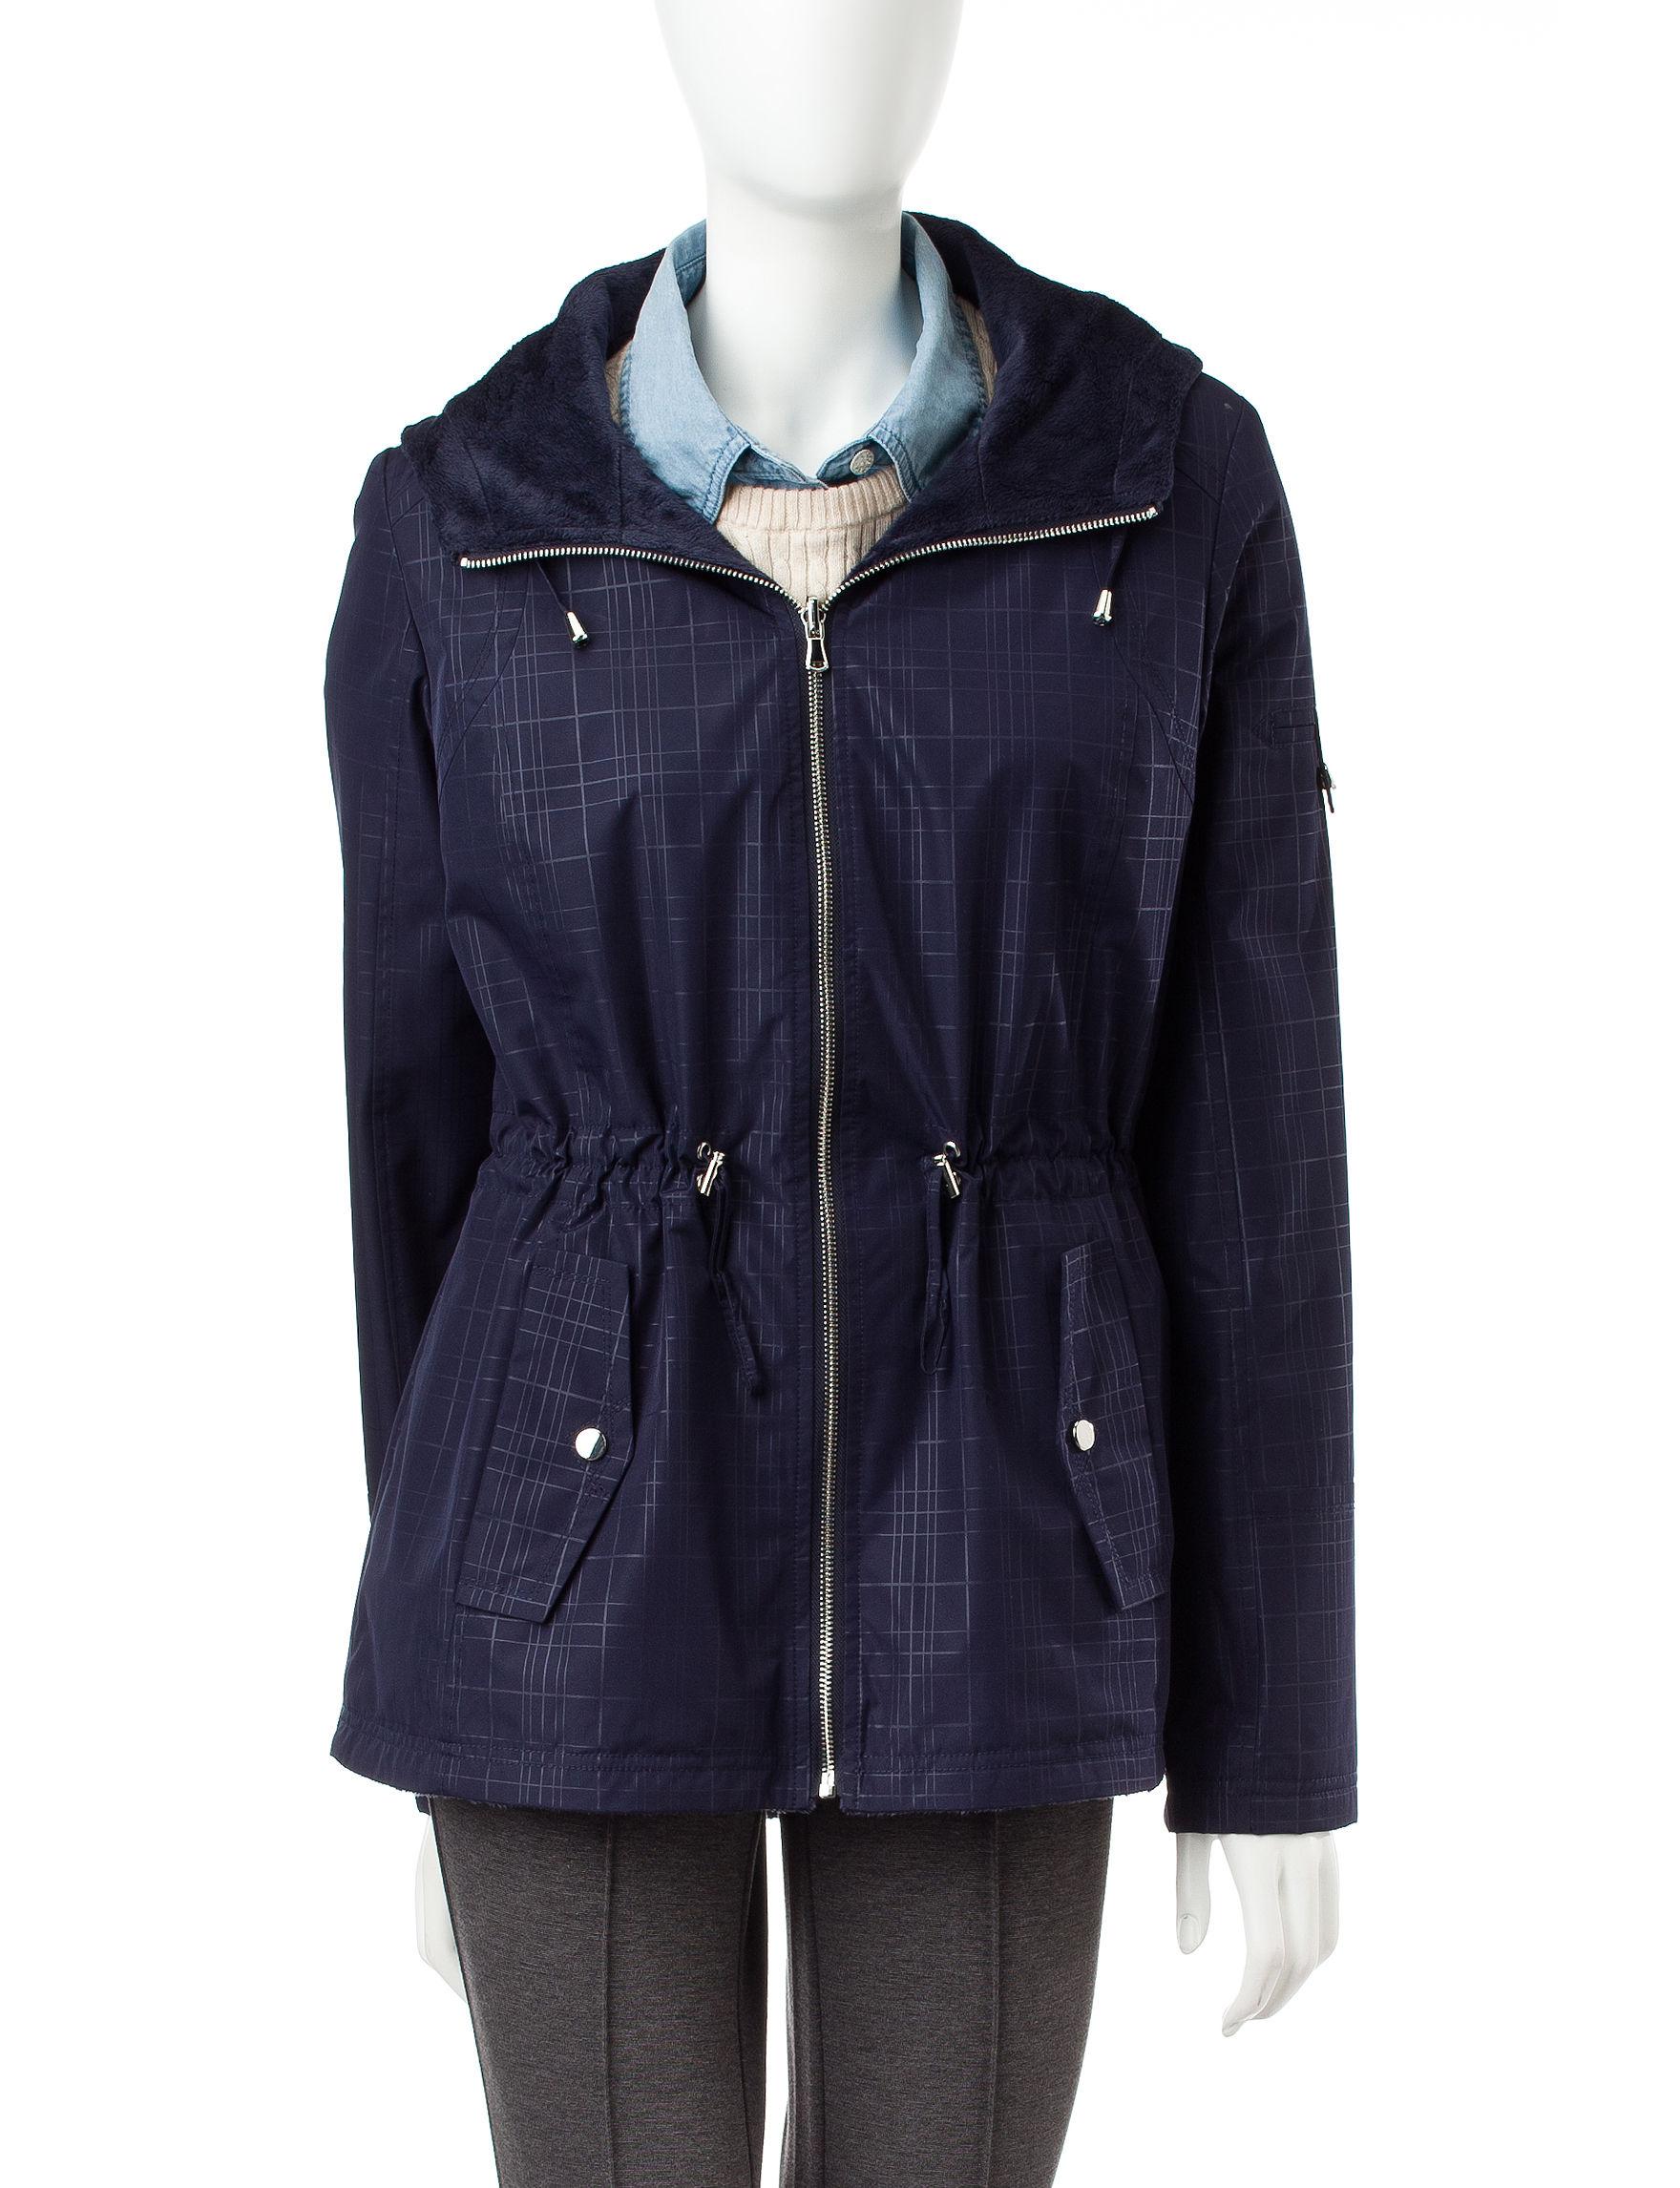 Valerie Stevens Purple Plaid Rain & Snow Jackets